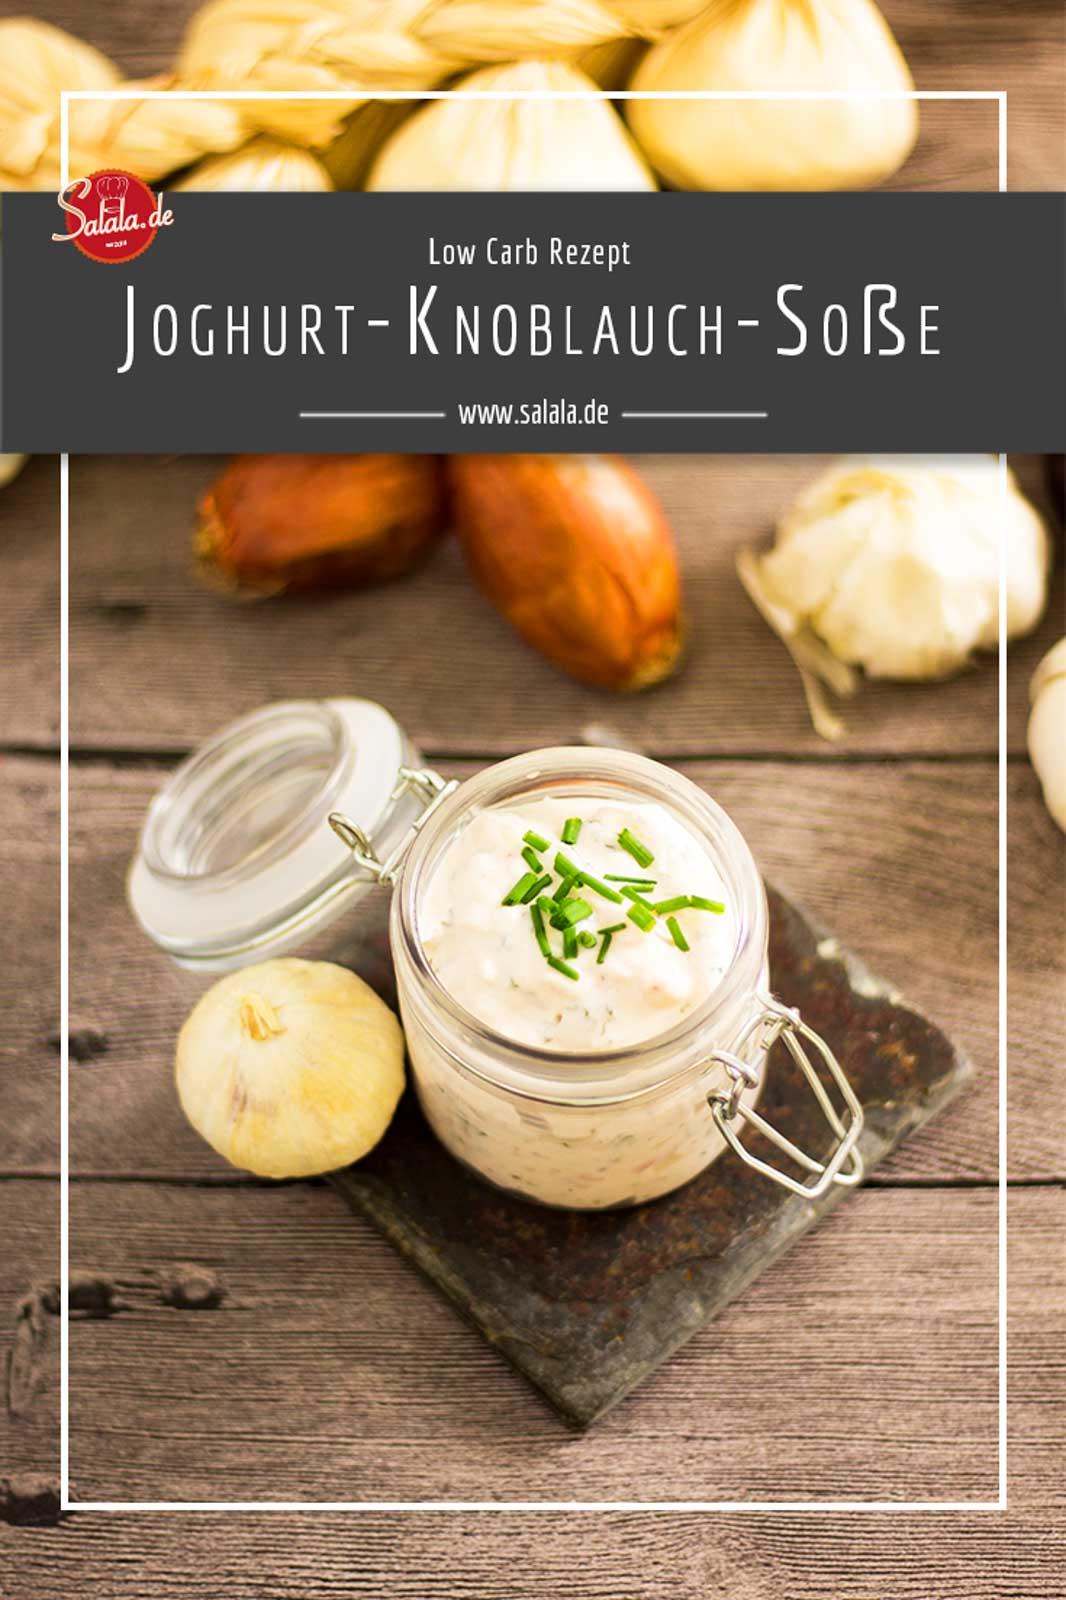 aromatische Joghurt-Knoblauch-Sauce ohne Zucker einfach selber machen Low Carb Grillsoße Rezept #lowcarb #keto #zuckerfrei #bbq